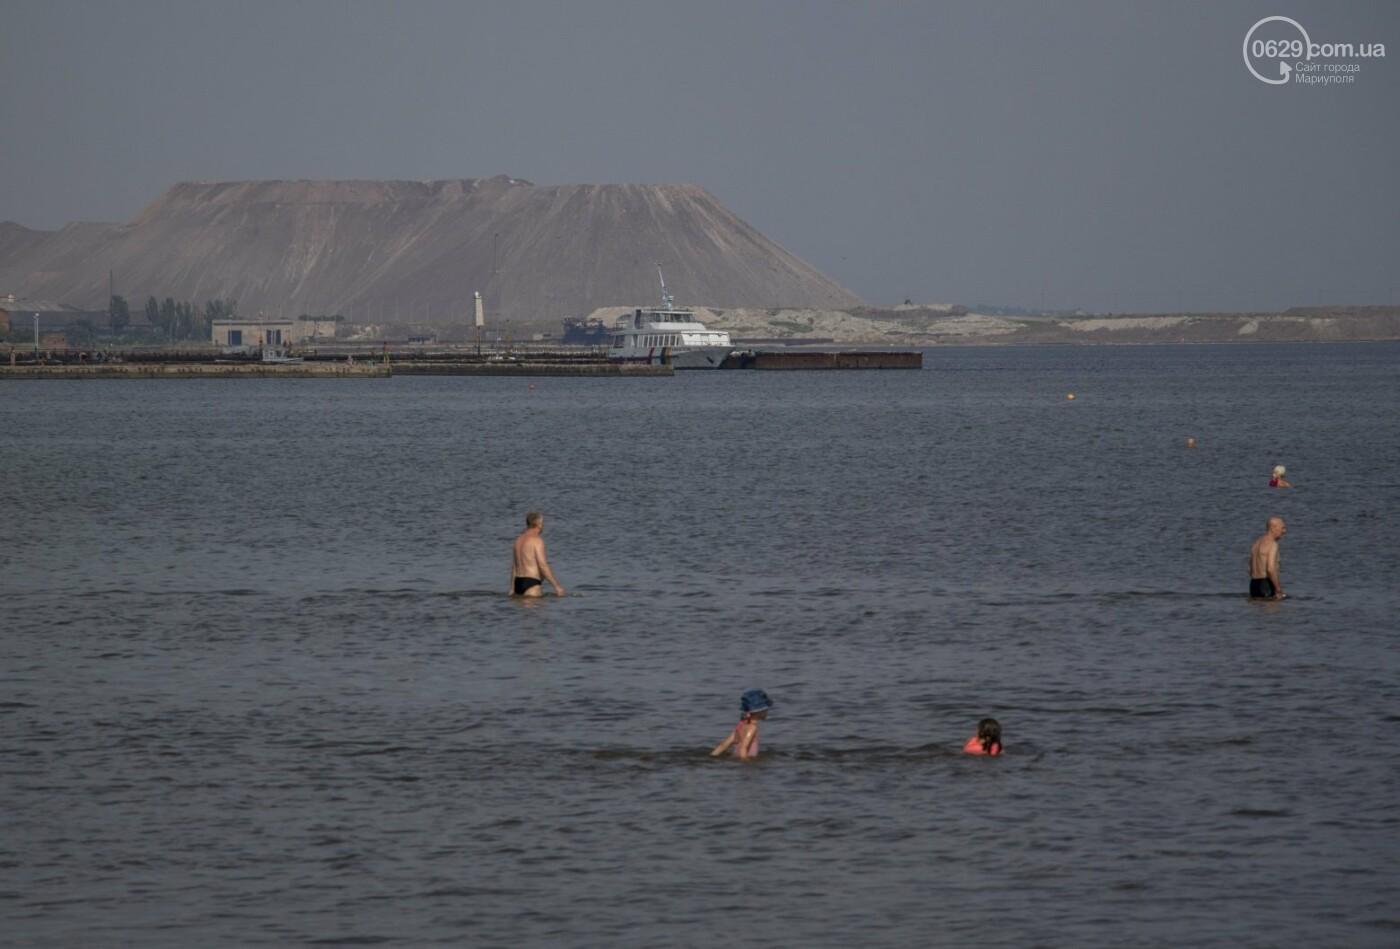 Море «закипело» от отдыхающих. Что творилось в Мариуполе на городских пляжах в выходные дни, - ФОТОРЕПОРТАЖ, фото-8